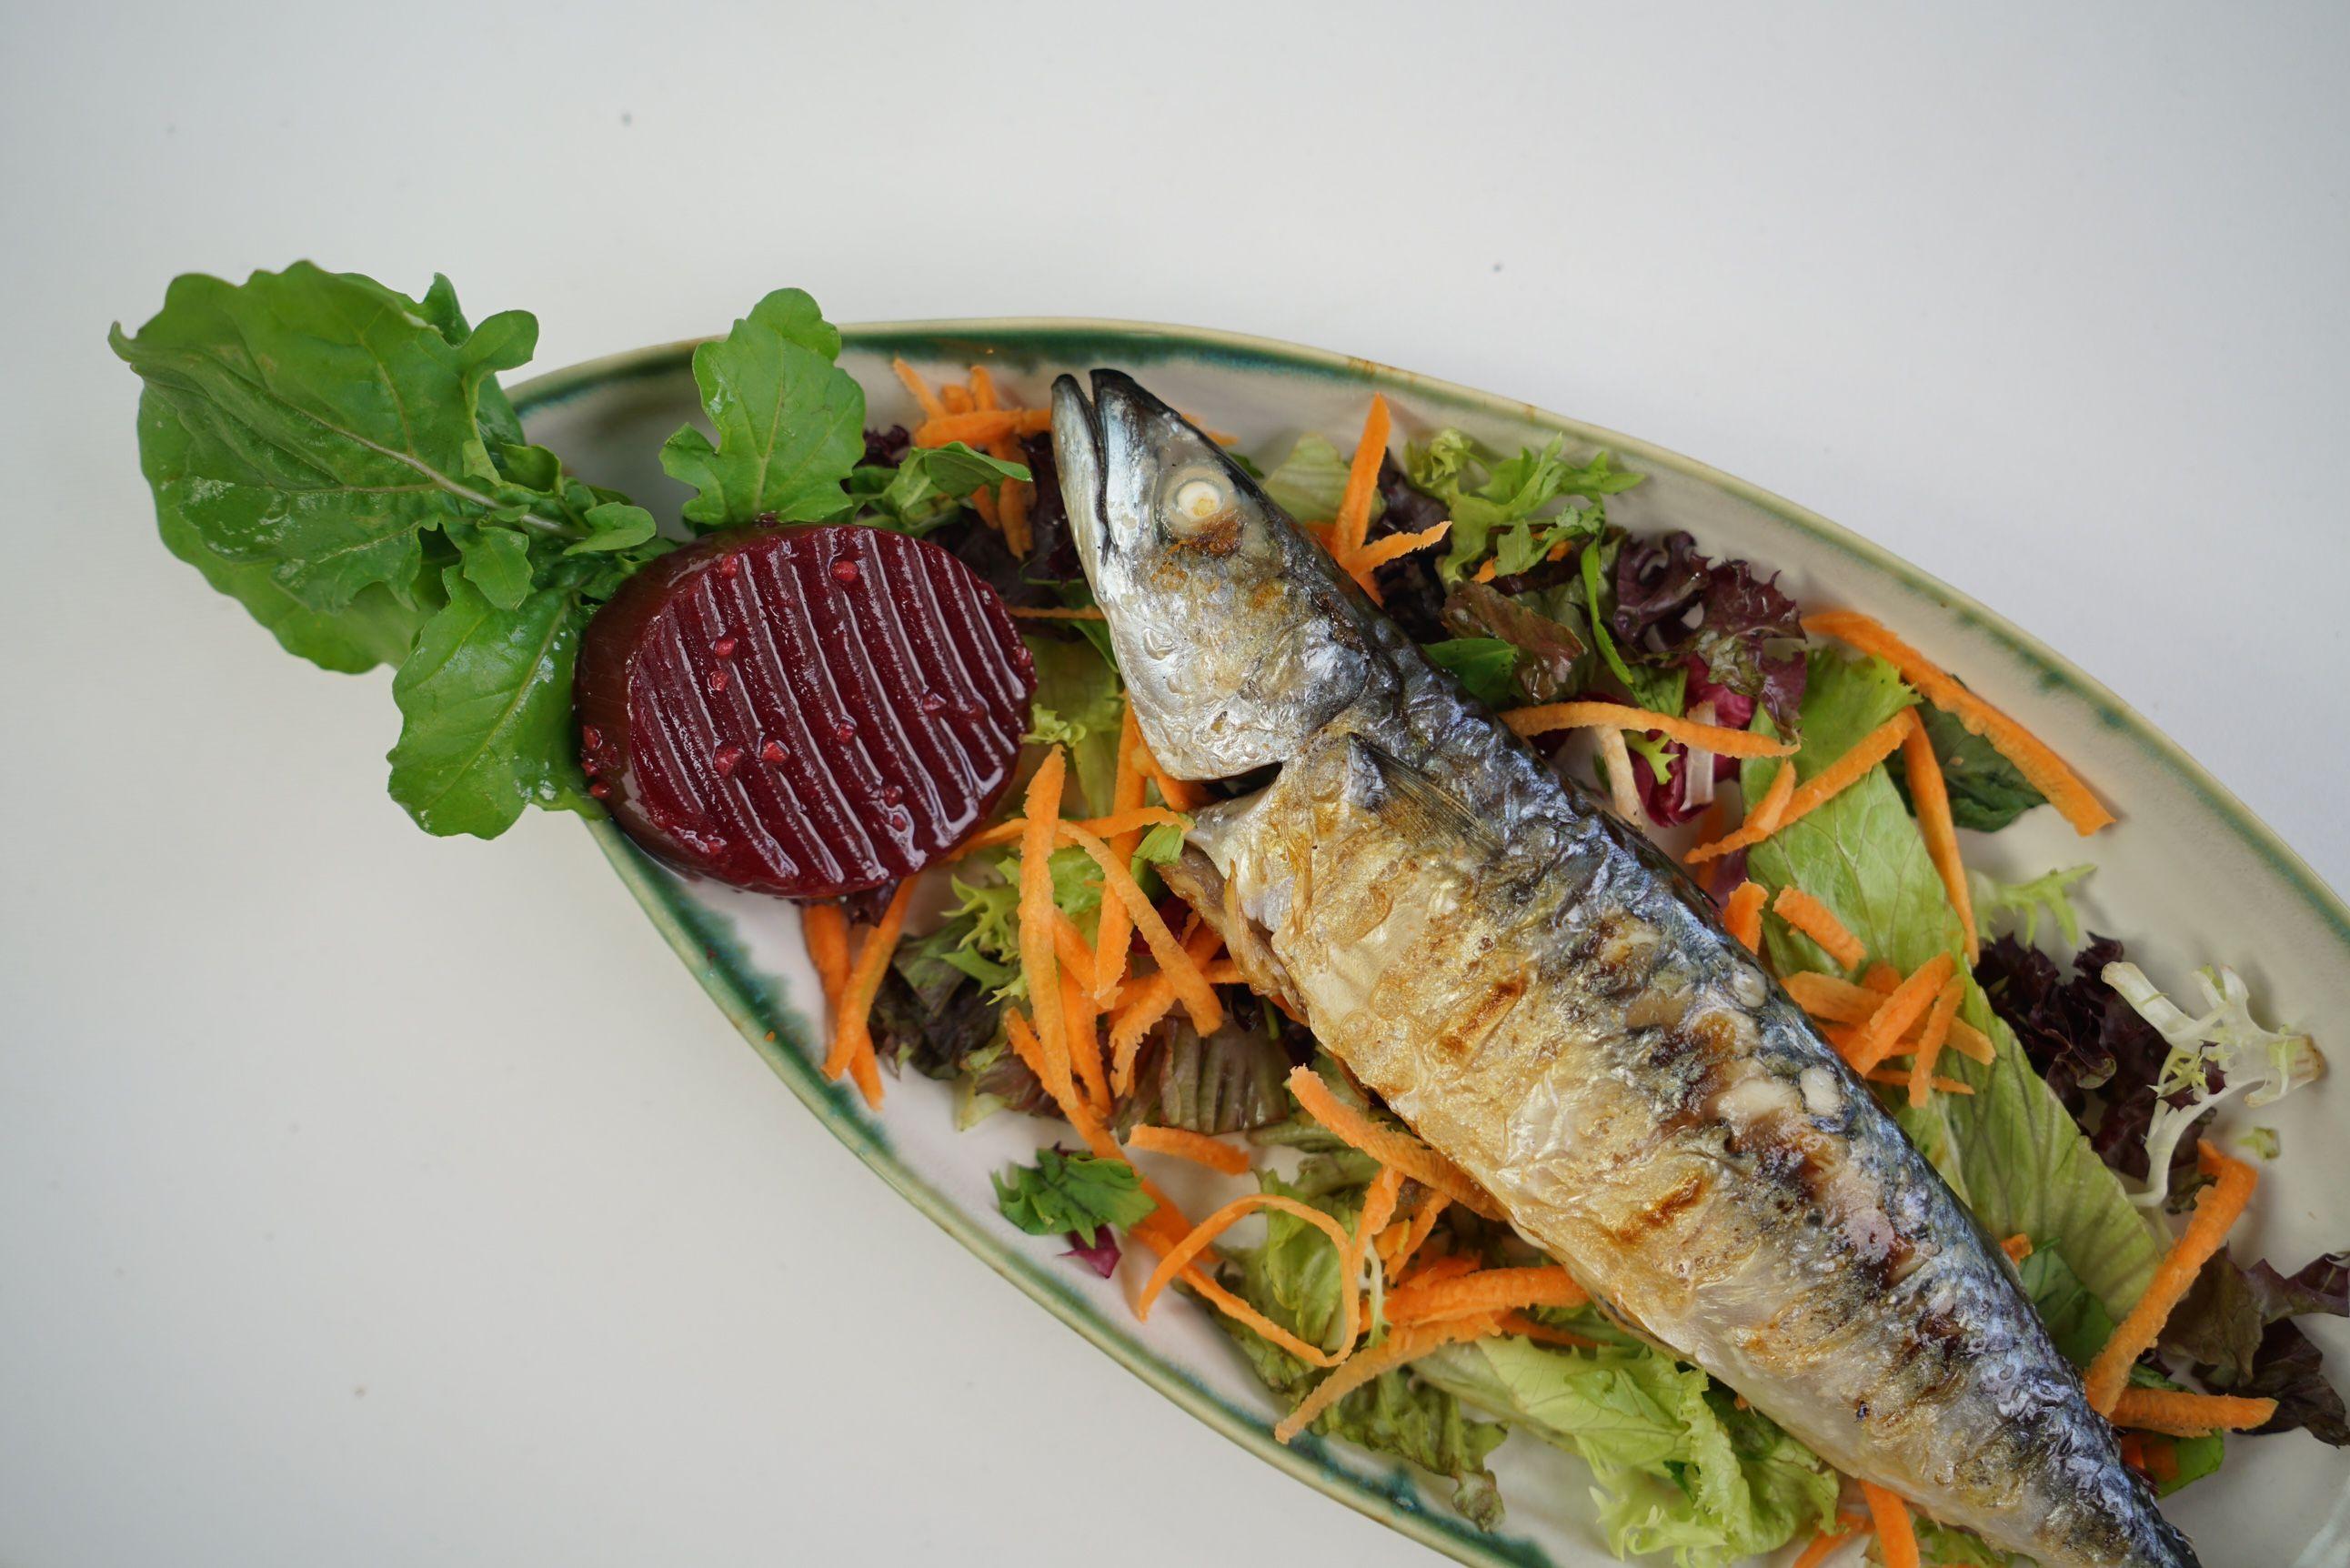 Malzemeler 1 adet uskumru balığı 4 yemek kaşığı zeytinyağı 2 adet defne  yaprağı 3-4 adet tane karab… | Gıda, Balık tarifleri, Food blogs